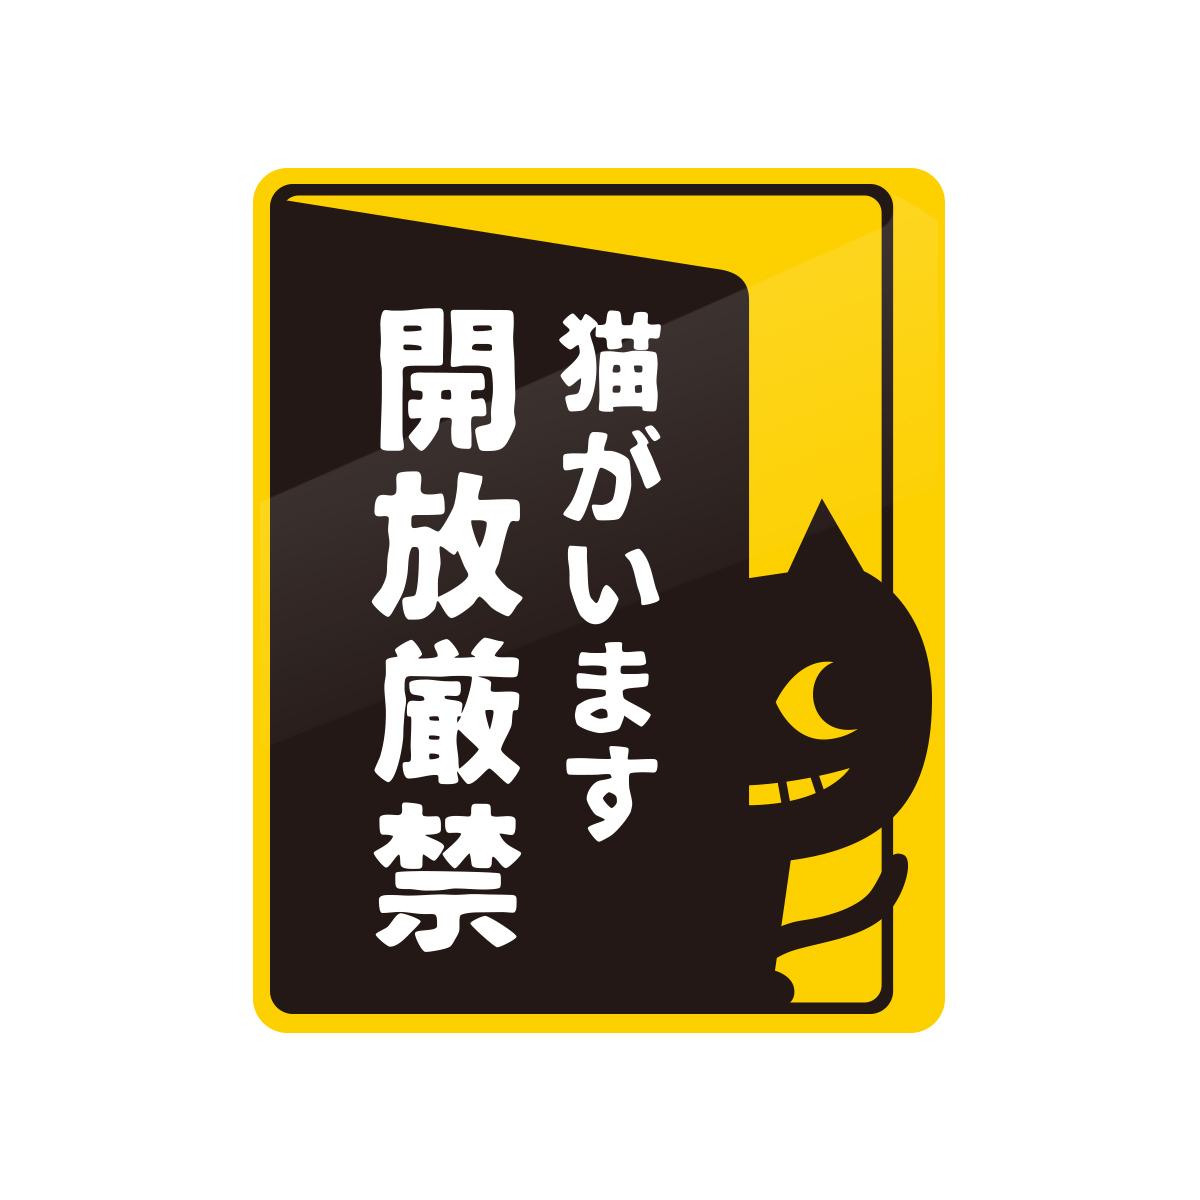 ペット用 ステッカー☆送料無料 猫がいますステッカー 飛び出し注意 開放厳禁 好評 NEW売り切れる前に☆ 12cm×15cm ペット